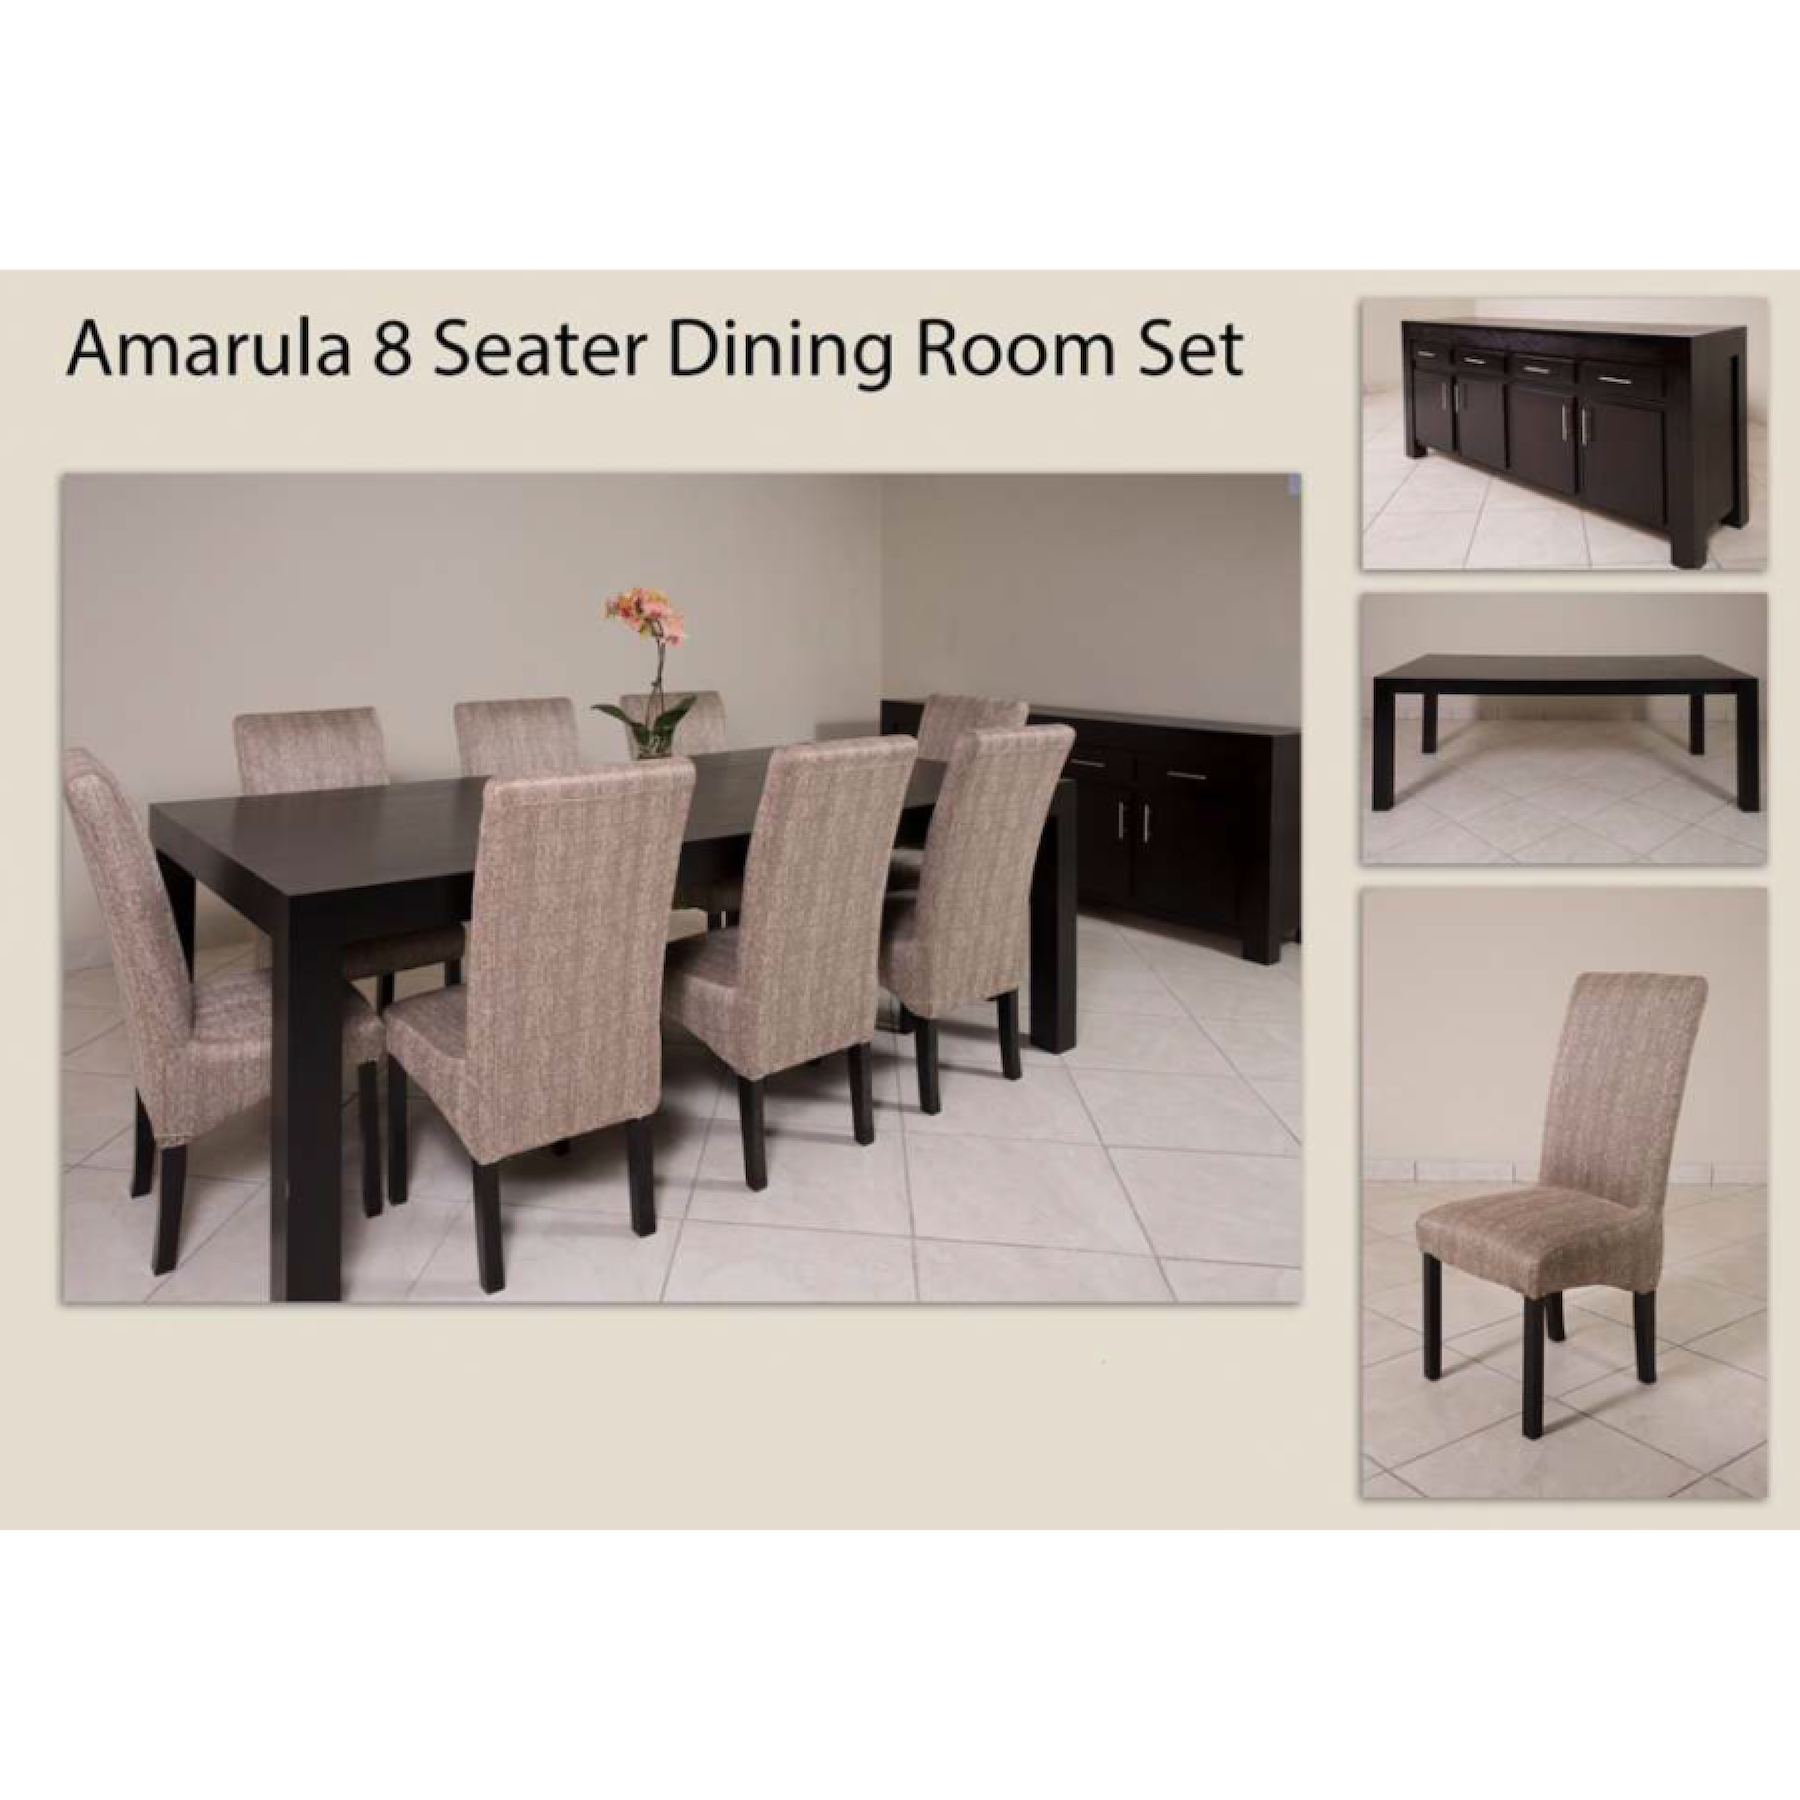 Amarula 8 Seater Dining Room Set